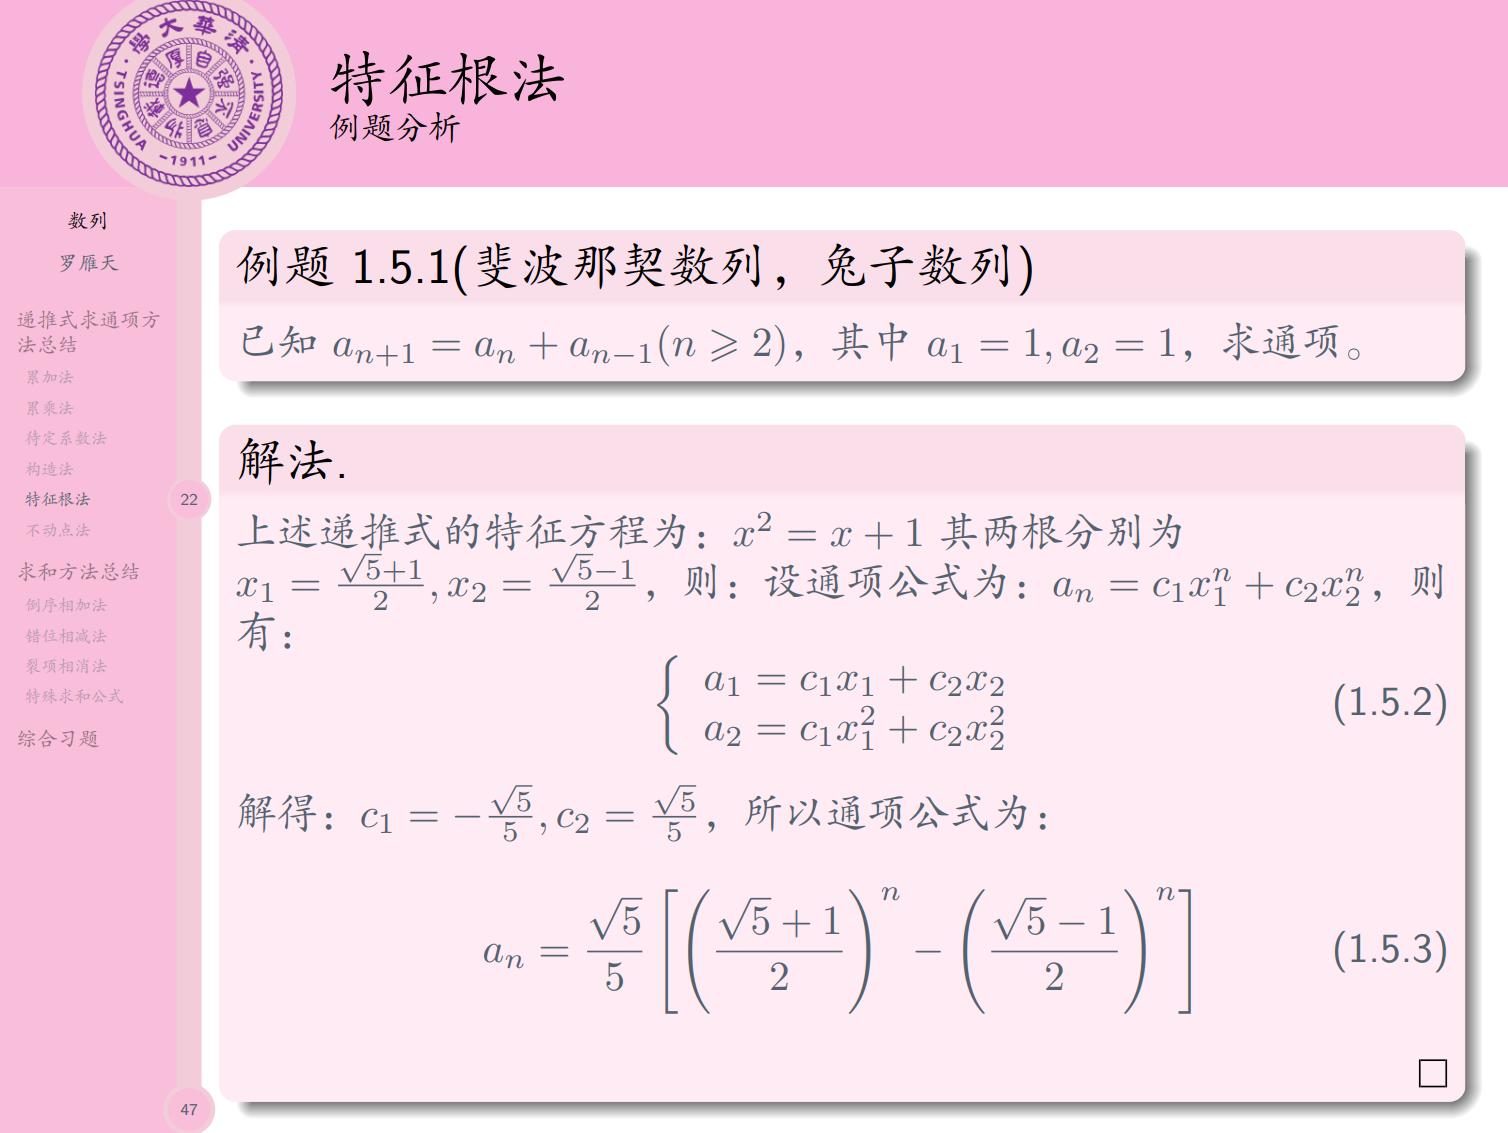 中文Beamer排版的高考数列相关知识总结